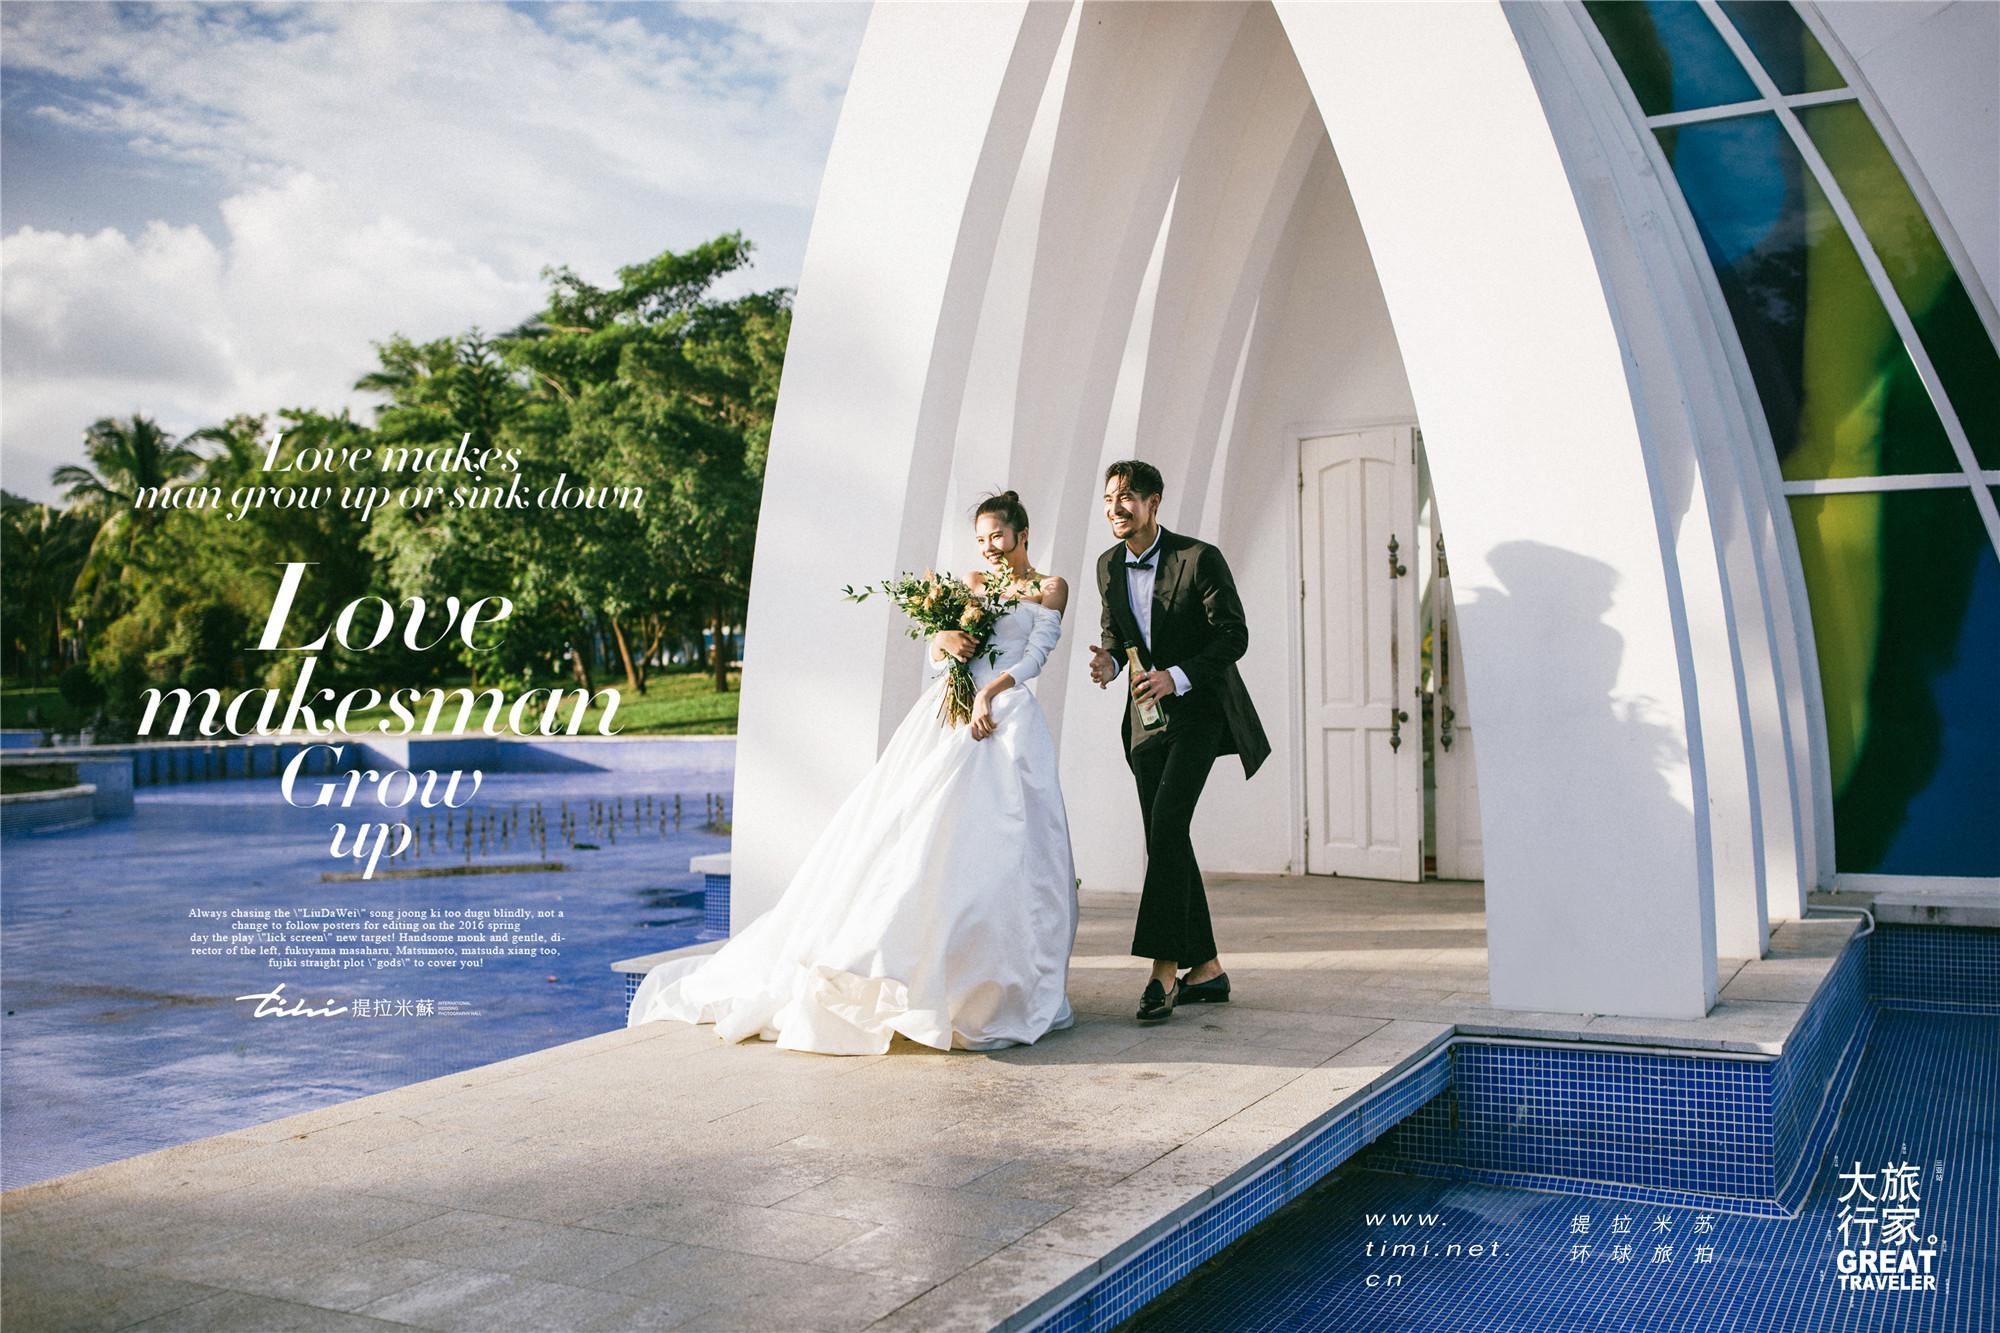 日本旅拍婚纱照攻略